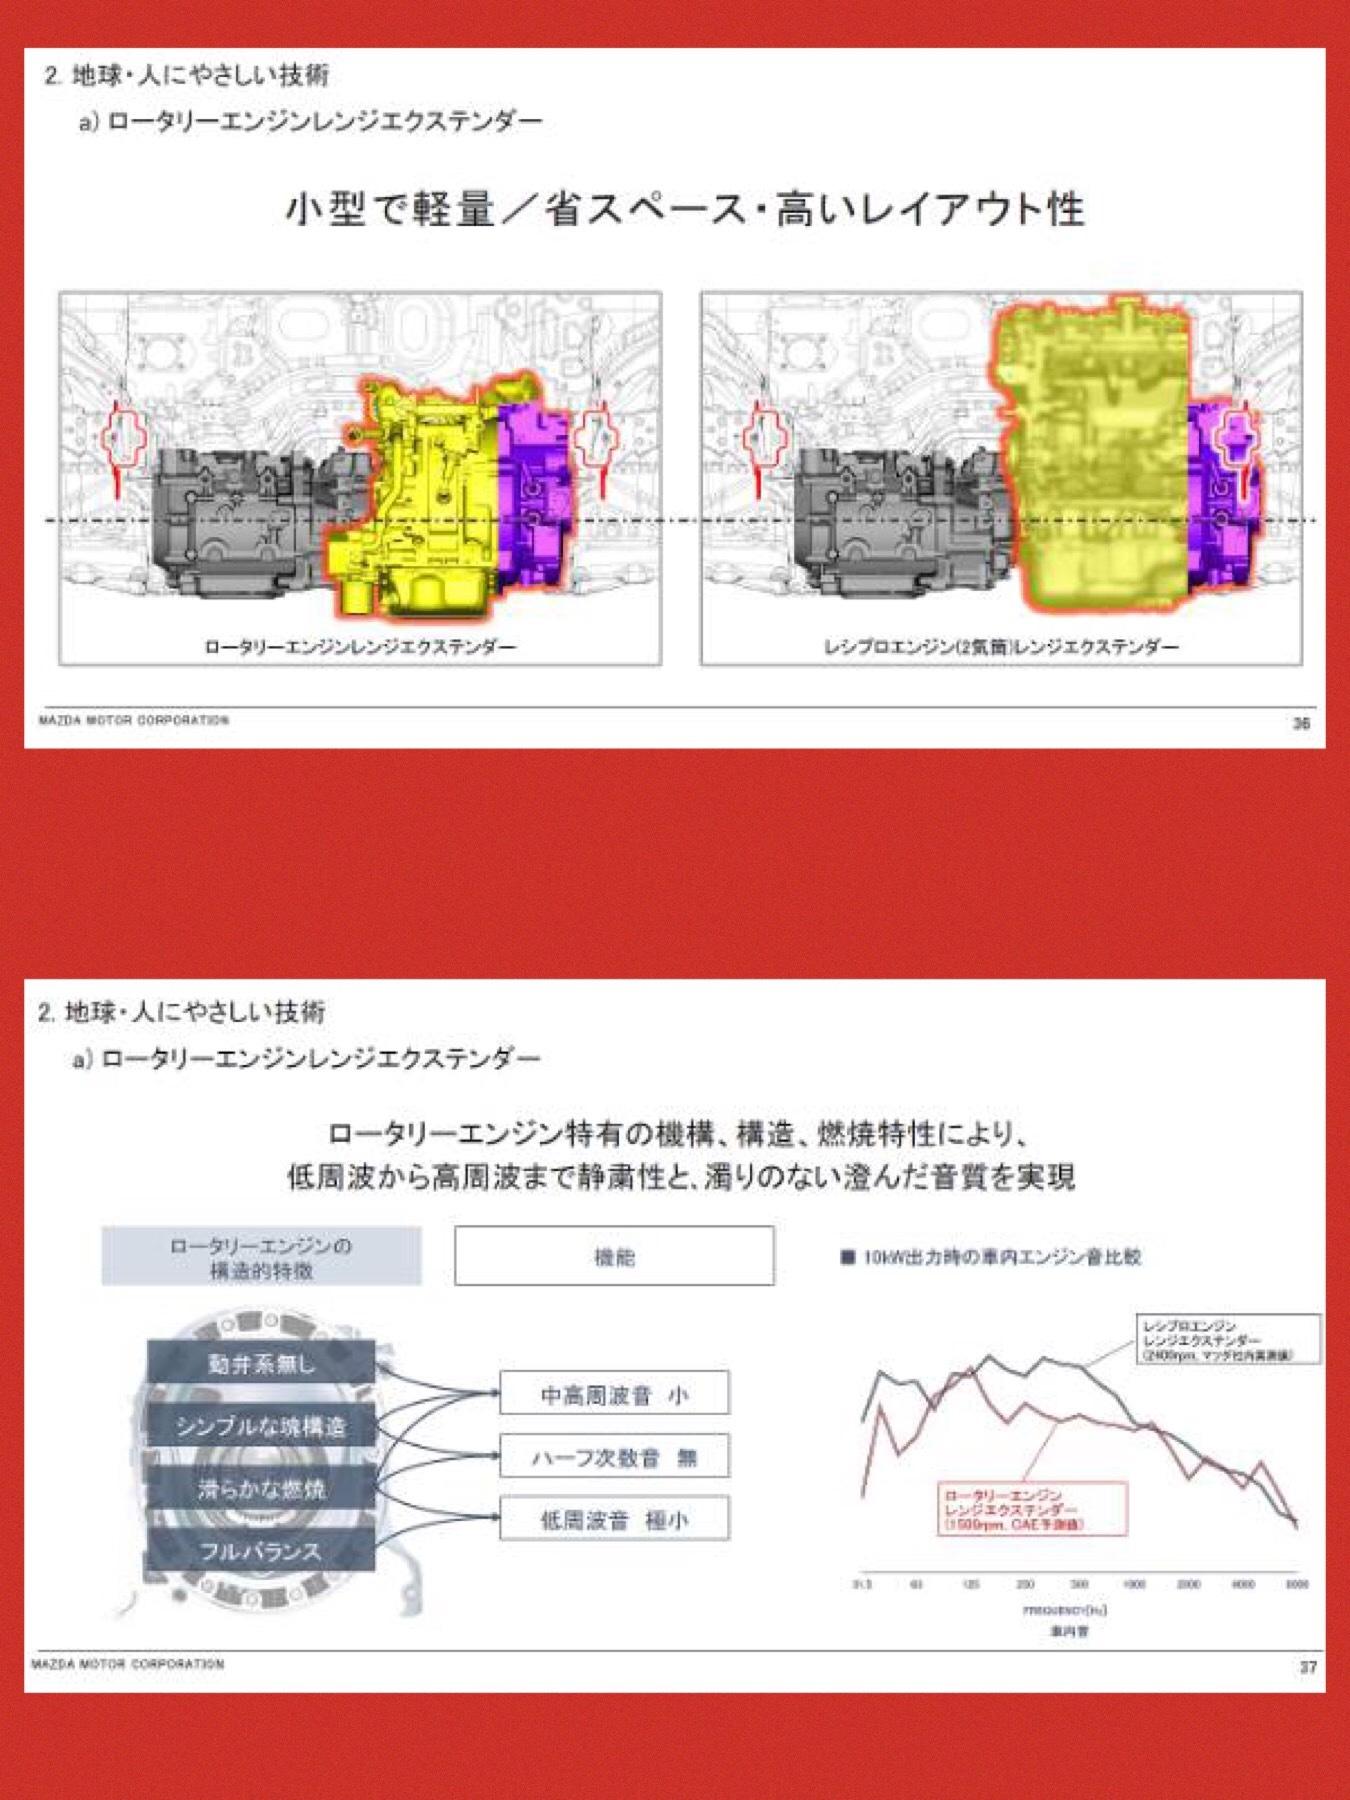 マツダEV 電動化計画 ロータリーエンジン レンジエクステンダー